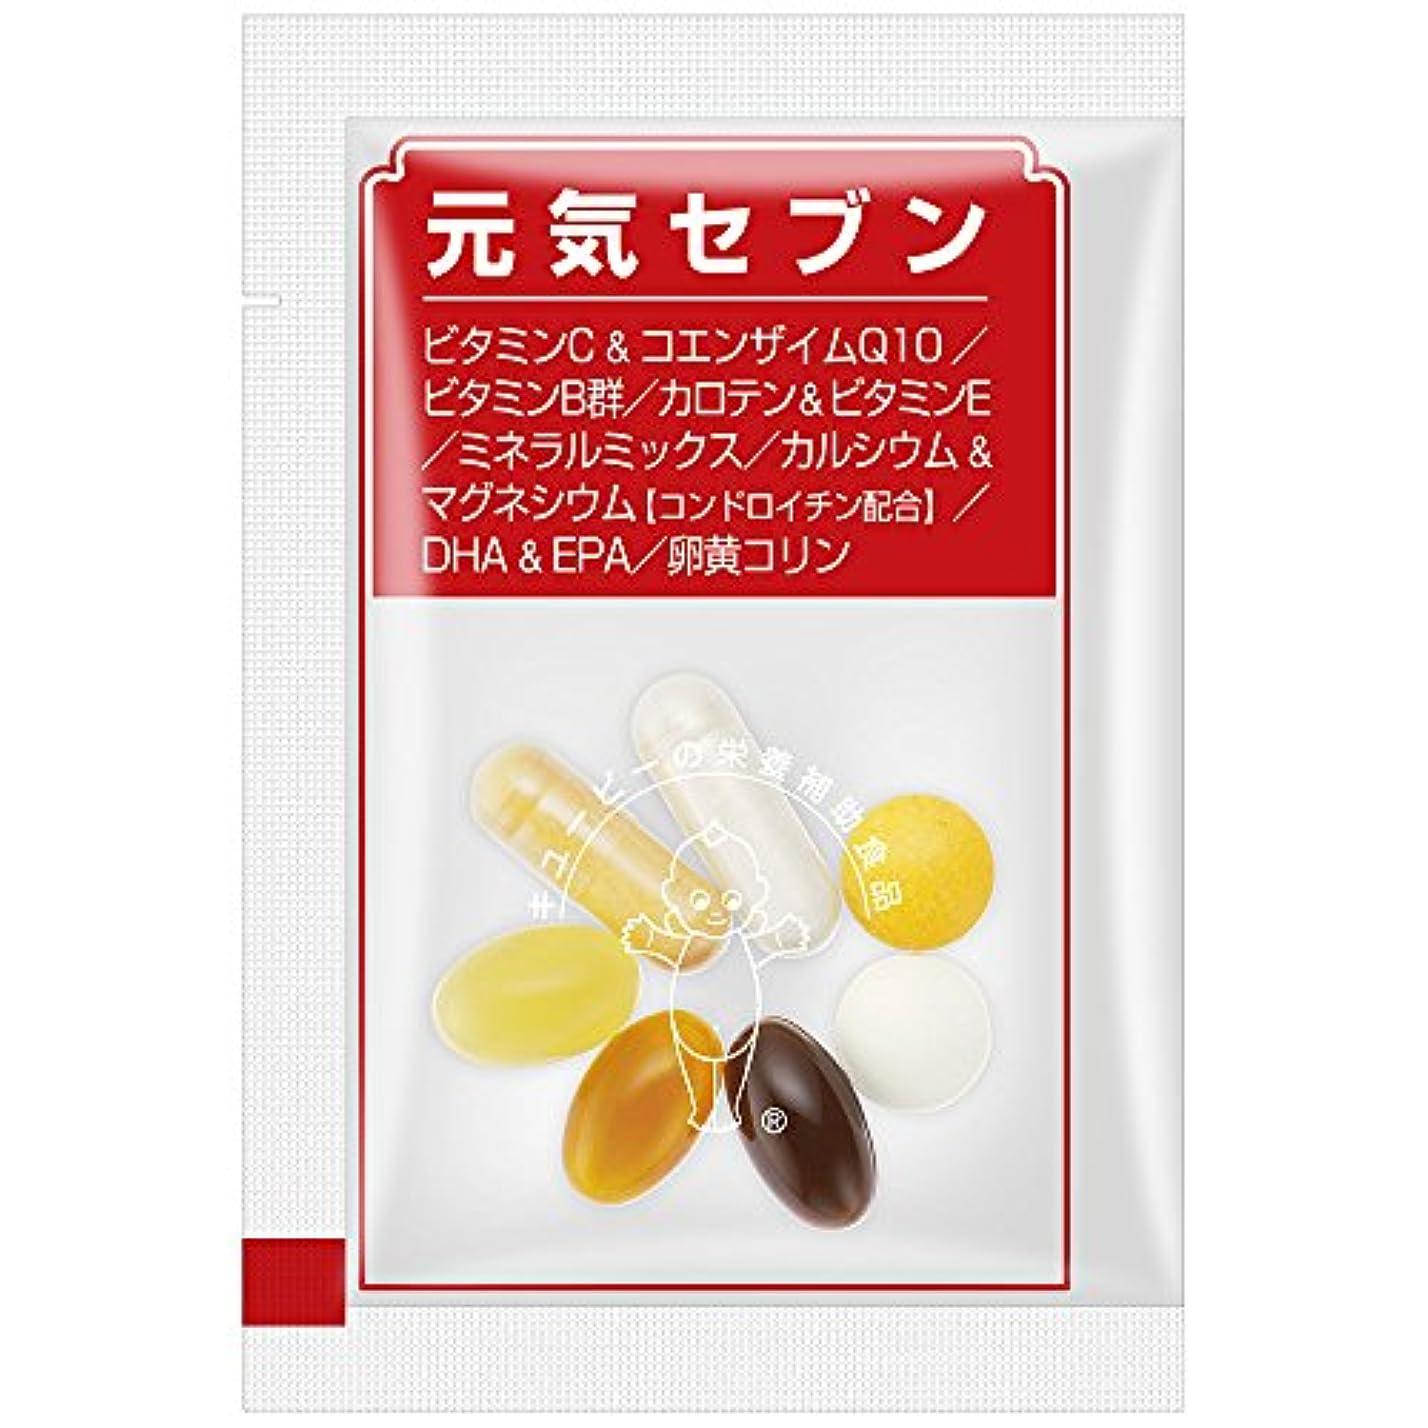 パトワ全体プラスキユーピー 元気セブン 30日分 マルチビタミン マルチミネラル DHA EPA コエンザイム 配合